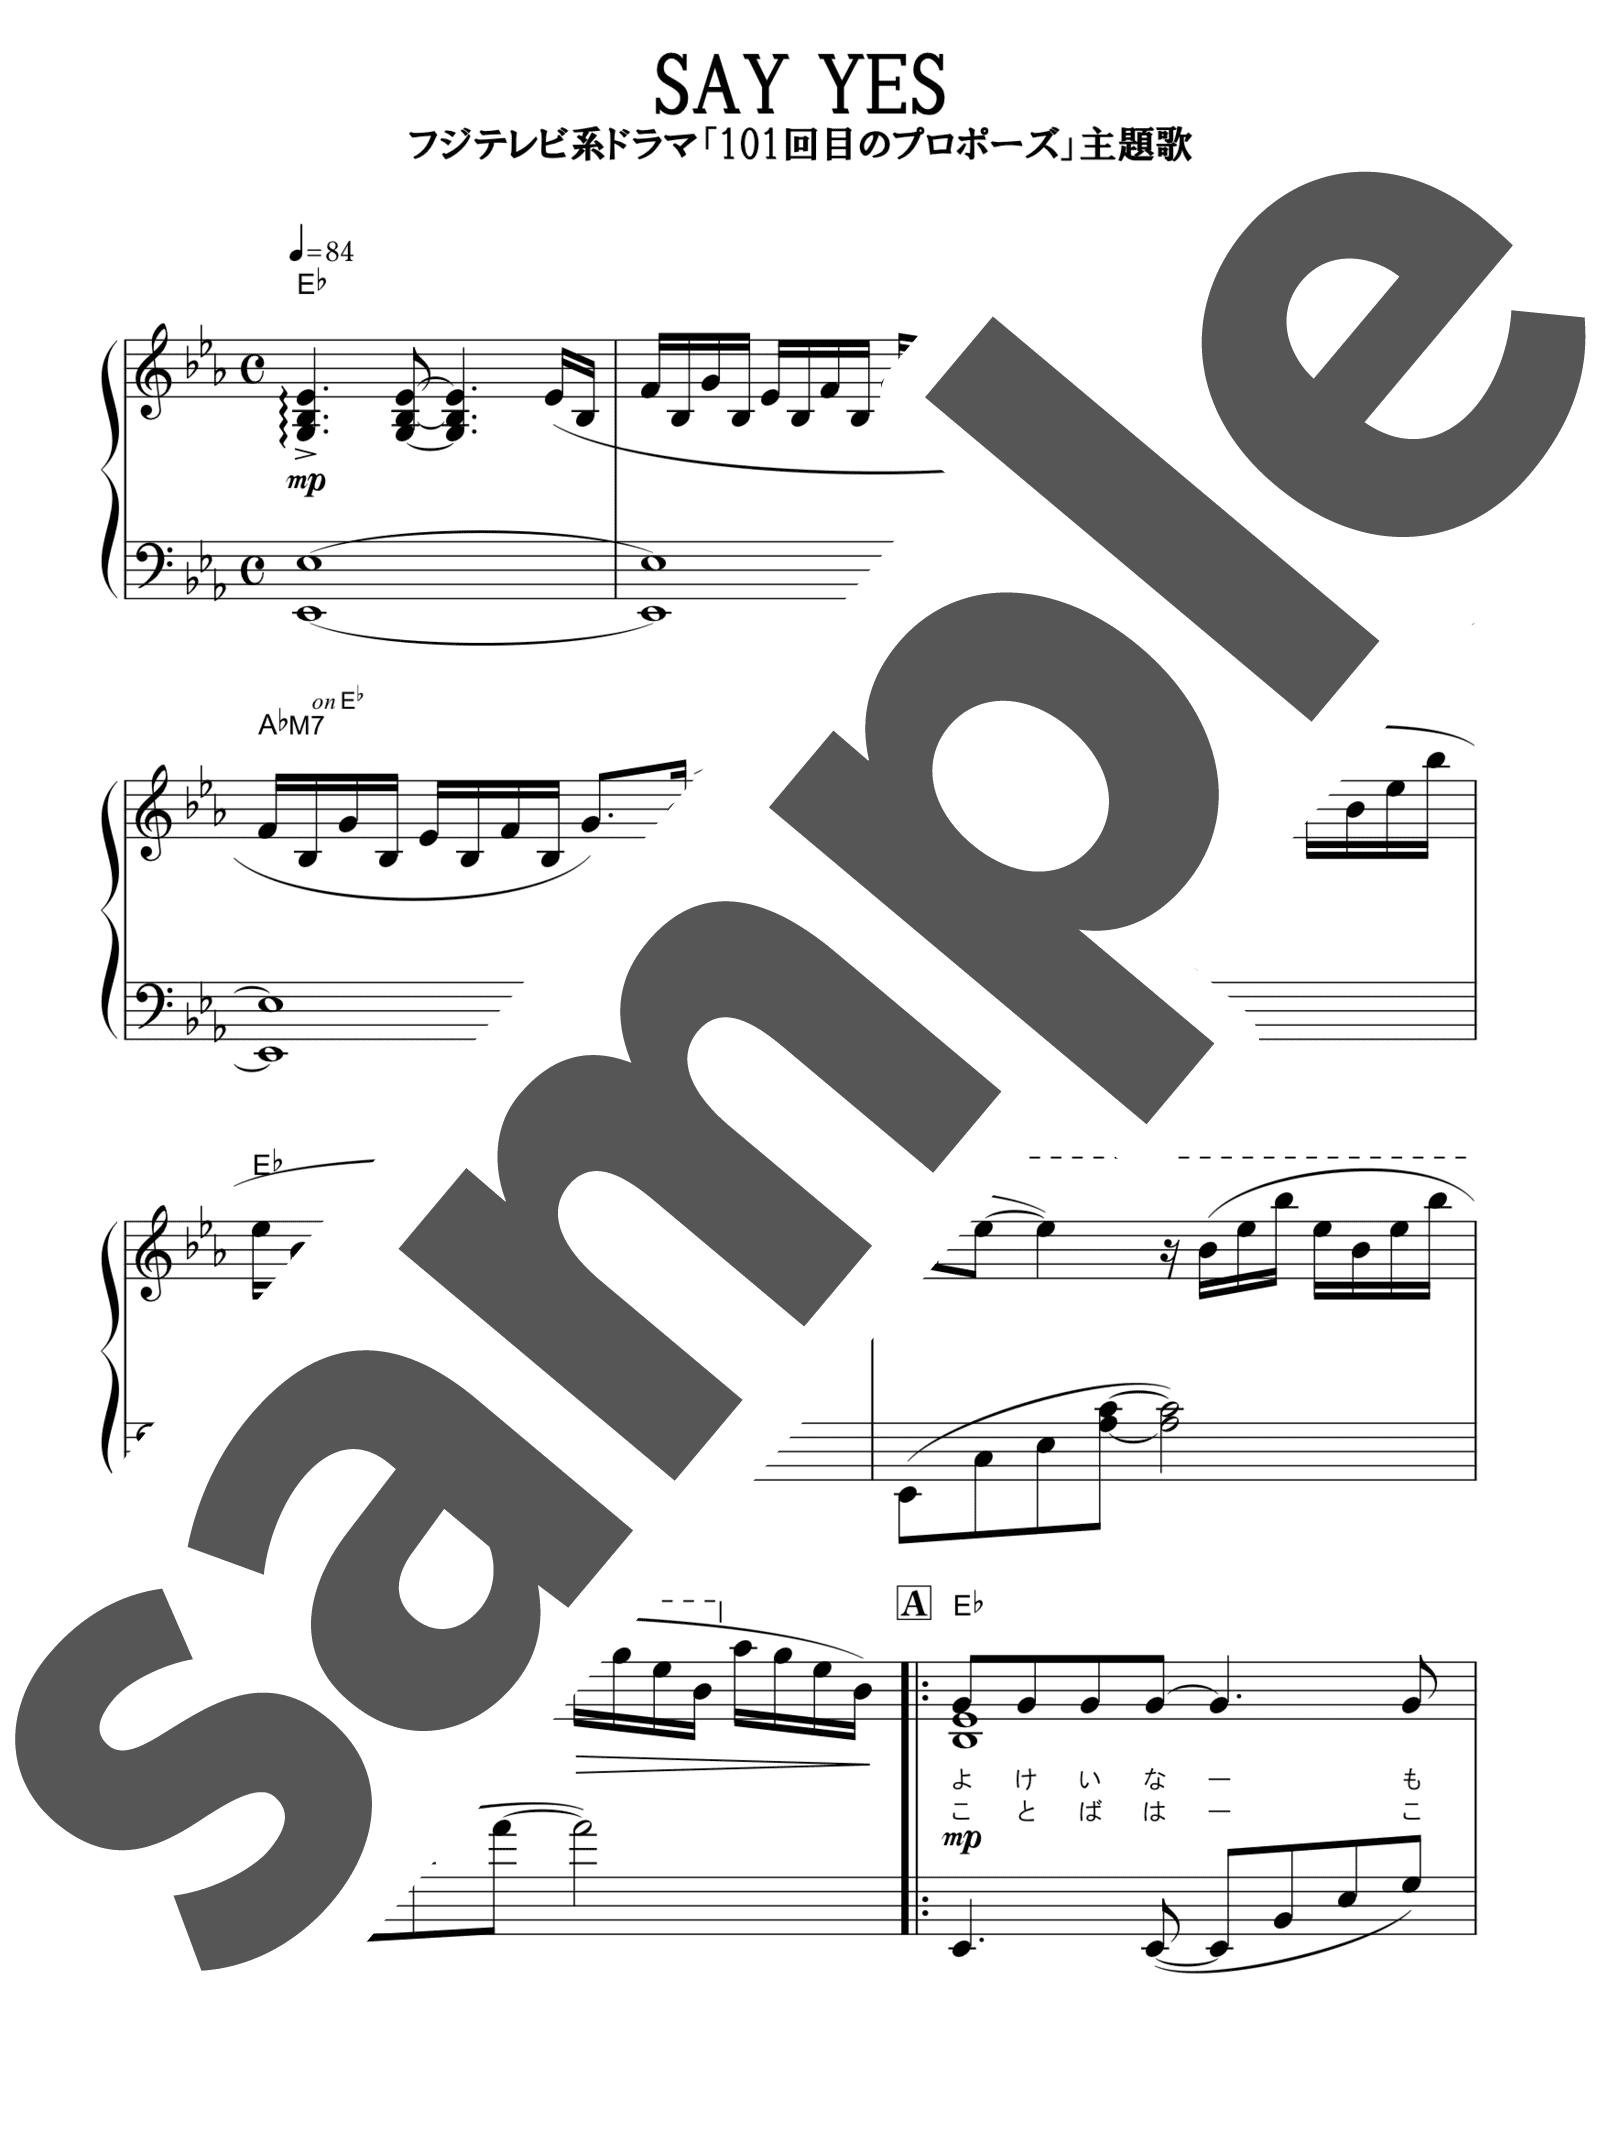 「SAY YES」のサンプル楽譜